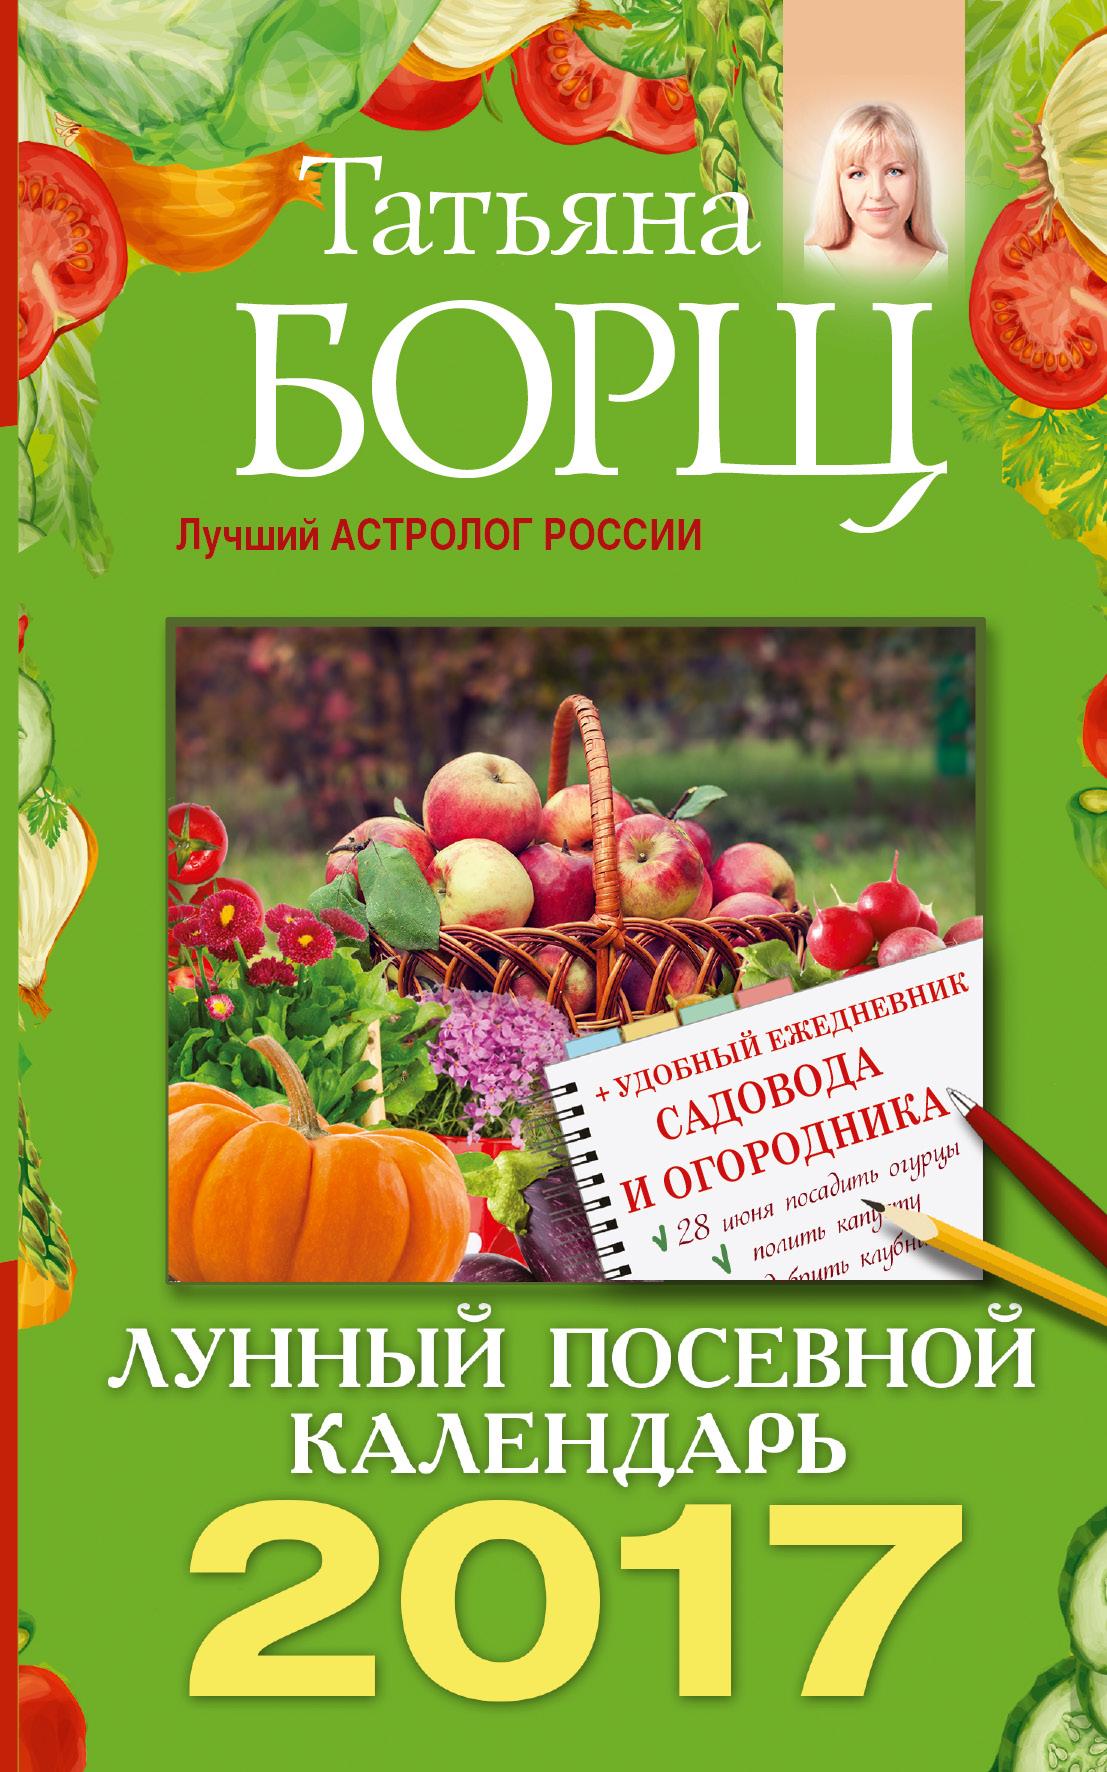 Лунный посевной календарь на 2017 год + удобный ежедневник садовода и огородника